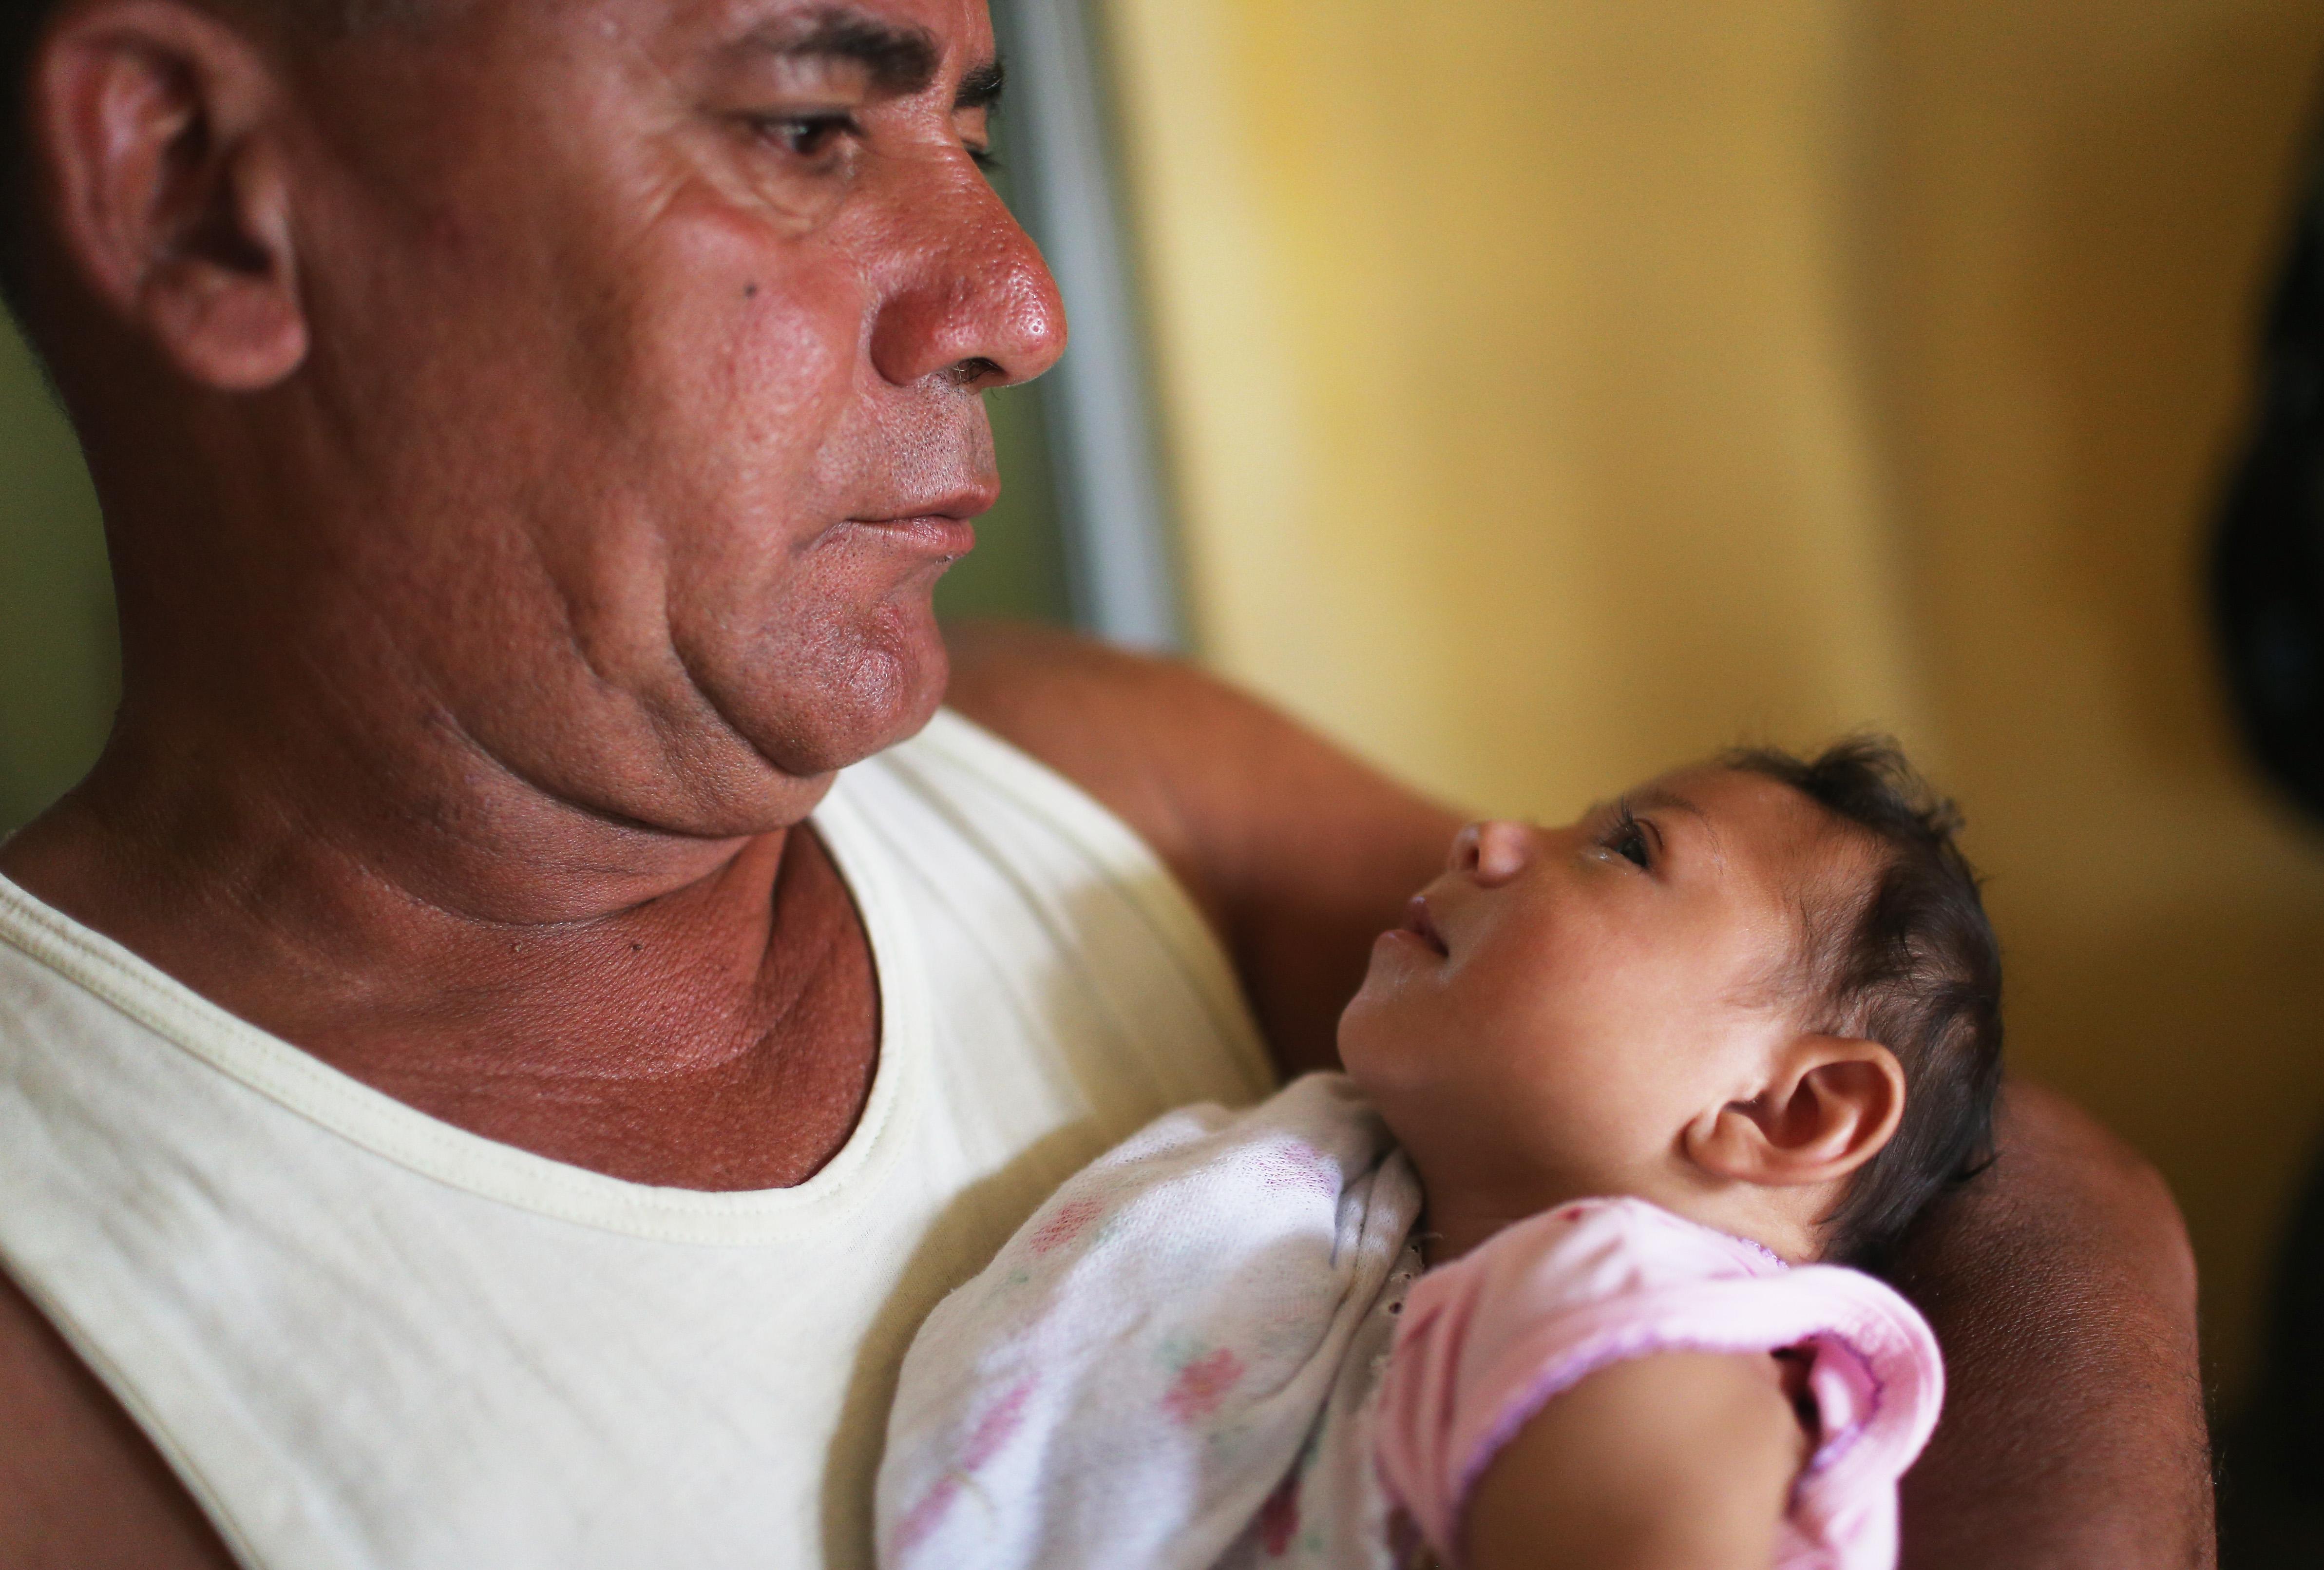 Neue Studie legt nahe: Pestizide Ursache für Mikrozephalie  – NICHT Zika-Virus